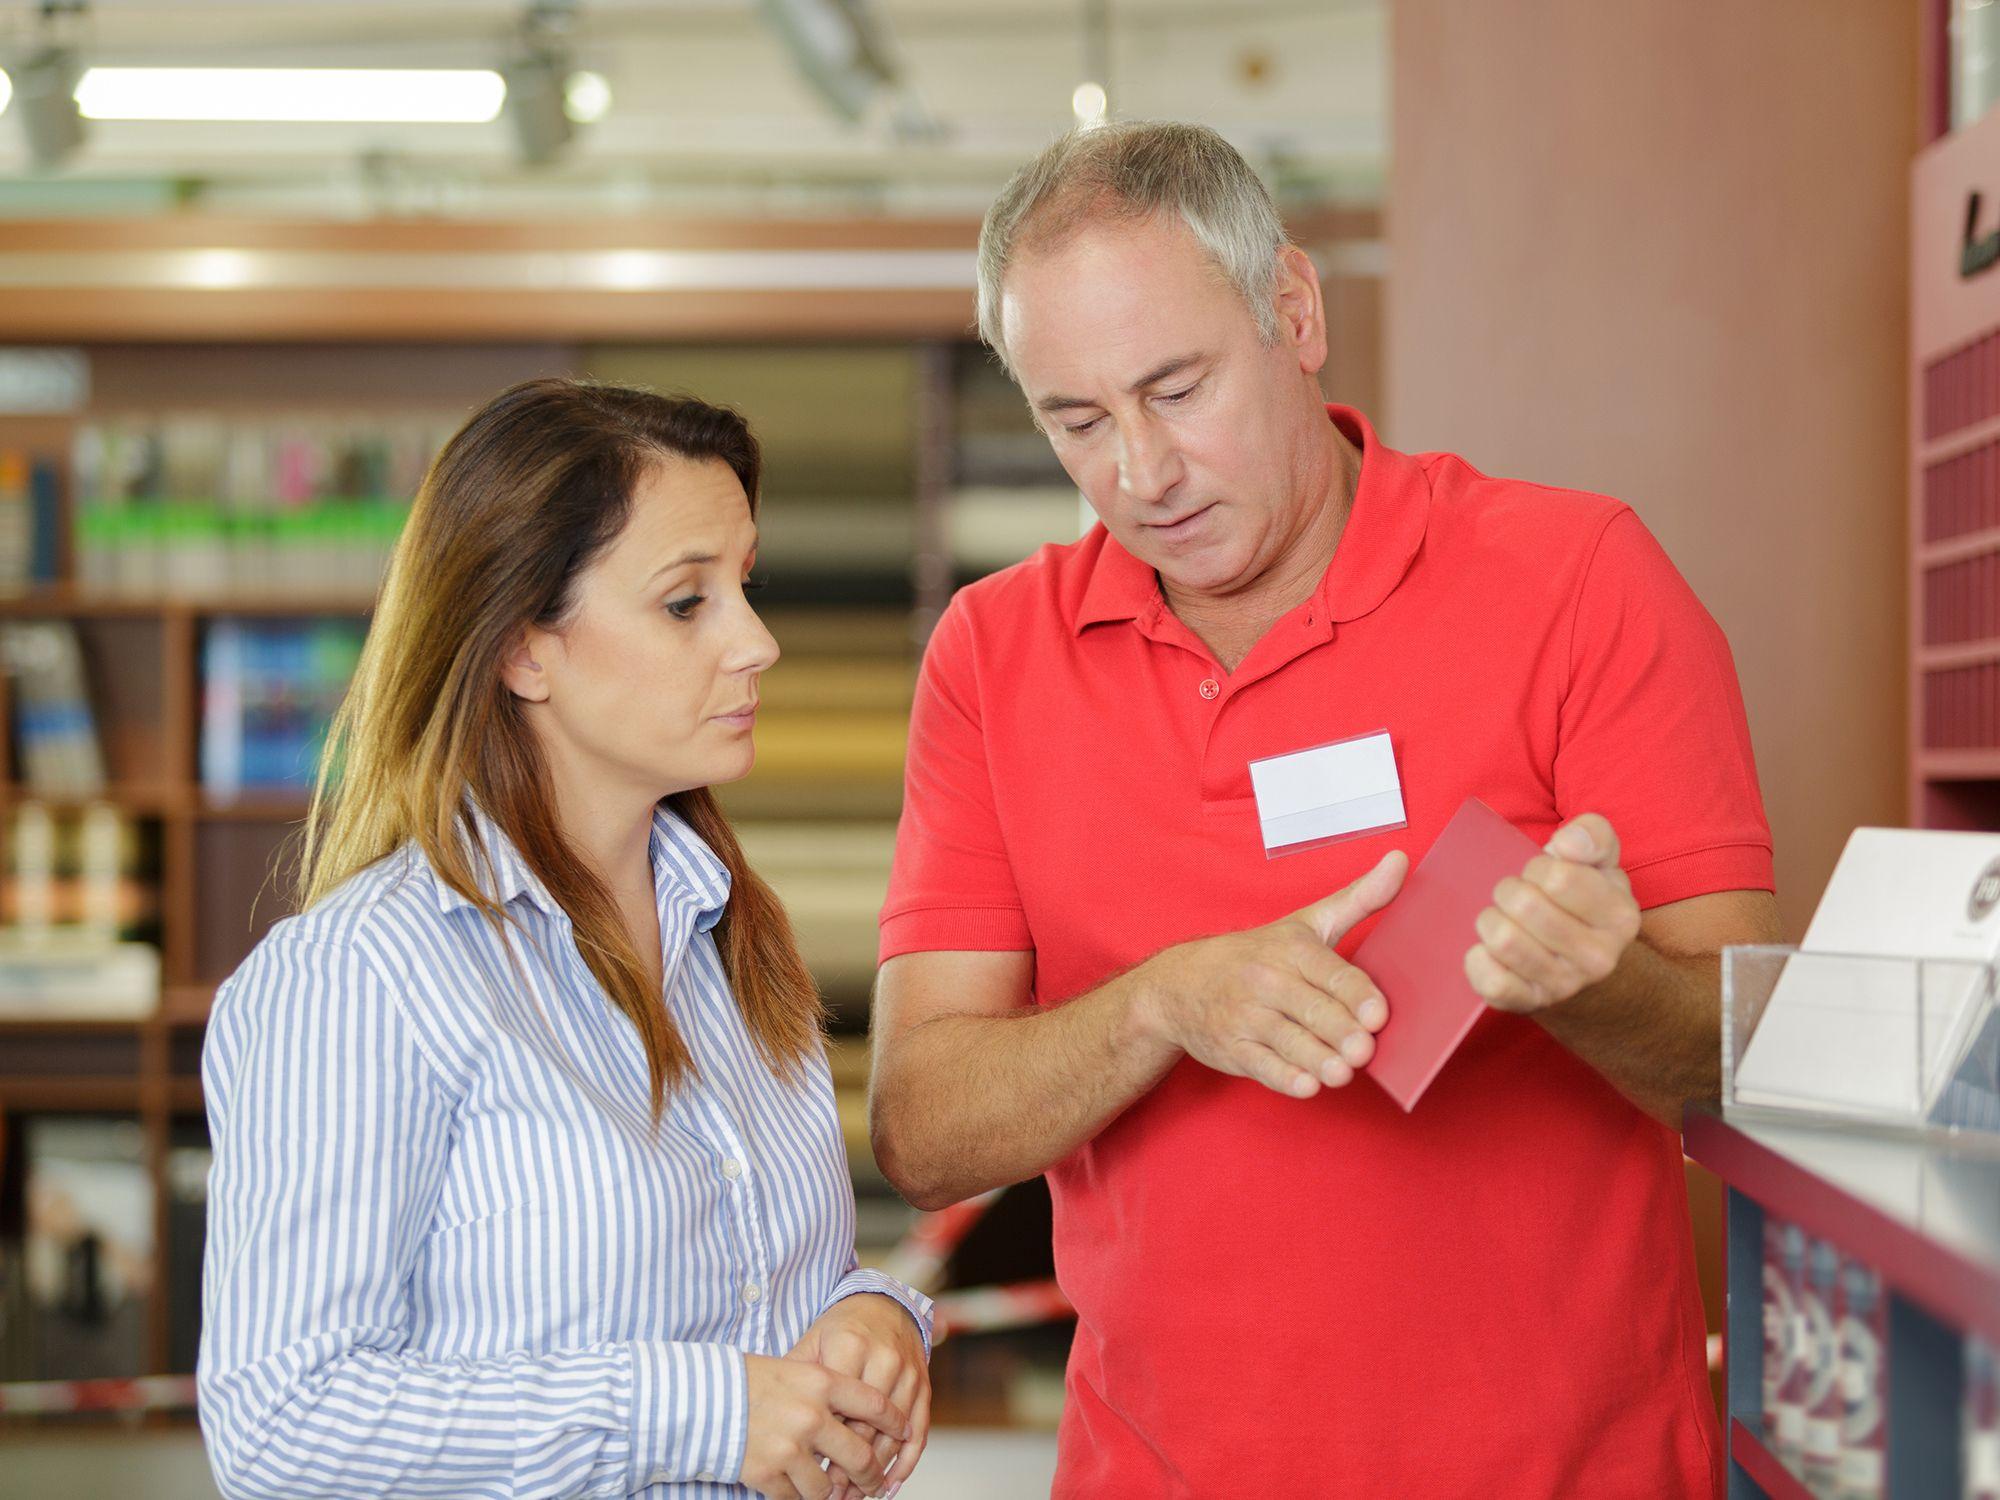 Level 6 - Merchandiser, Gestalter, Warenplatzierer, Warenpräsentierer, Verkaufsförderer, Visual Merchandiser, Inszenierer, Leiharbeiter, Zeitarbeiter, Leiharbeitnehmer, Leihkraft, Temporärarbeiter für den Einzelhandel, Kundenservice, Kundenbetreuung, Kundenbindung, Außenhandel, Warenpräsentation, Außendienst, Vertrieb, Direktvertrieb, Vertriebsberatung, Verkaufsförderung, Absatzförderung, Verkaufsinnendienst, Verkaufsabteilung, Merchandising und Großhandel bei uns als Personalagentur, Zeitarbeitsfirma, Zeitarbeitsunternehmen, Personal-Service-Agentur, Personaldienstleistungsagentur und Leiharbeitsfirma per Arbeitnehmer-Leasing, Arbeitnehmerüberlassung, Arbeitskräfte-Leasing, Arbeitskräfteüberlassung, Arbeitskraftüberlassung, Leiharbeit, Mitarbeiter-Leasing, Mitarbeiterleasing, Mitarbeiterüberlassung, Personaldienstleistung, Personalleasing, Personalüberlassung, Temporärarbeit, Zeitarbeit buchen, mieten, leihen oder langfristig neue Mitarbeiter für Jobs wie Schülerjobs, Ferienjobs, Aushilfsjobs, Studentenjobs, Werkstudentenjobs, Saisonjobs, Vollzeit Jobs, Teilzeit Jobs, Nebenjobs, Temporär Jobs, Gelegenheitsjobs per Personalvermittlung suchen, finden und vermittelt bekommen.